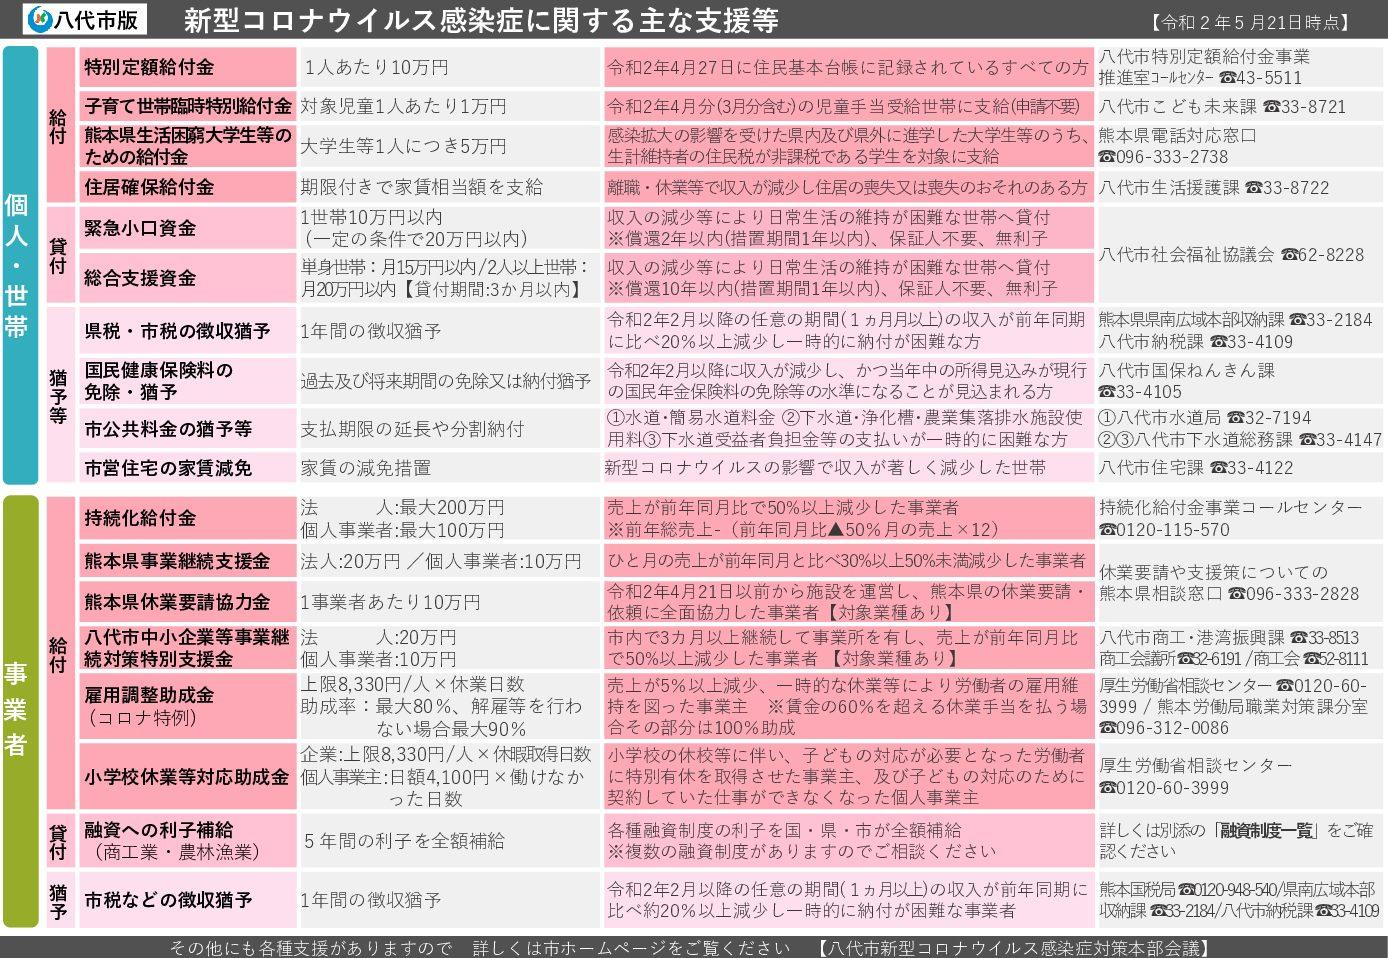 【八代市】新型コロナウイルス感染症支援策